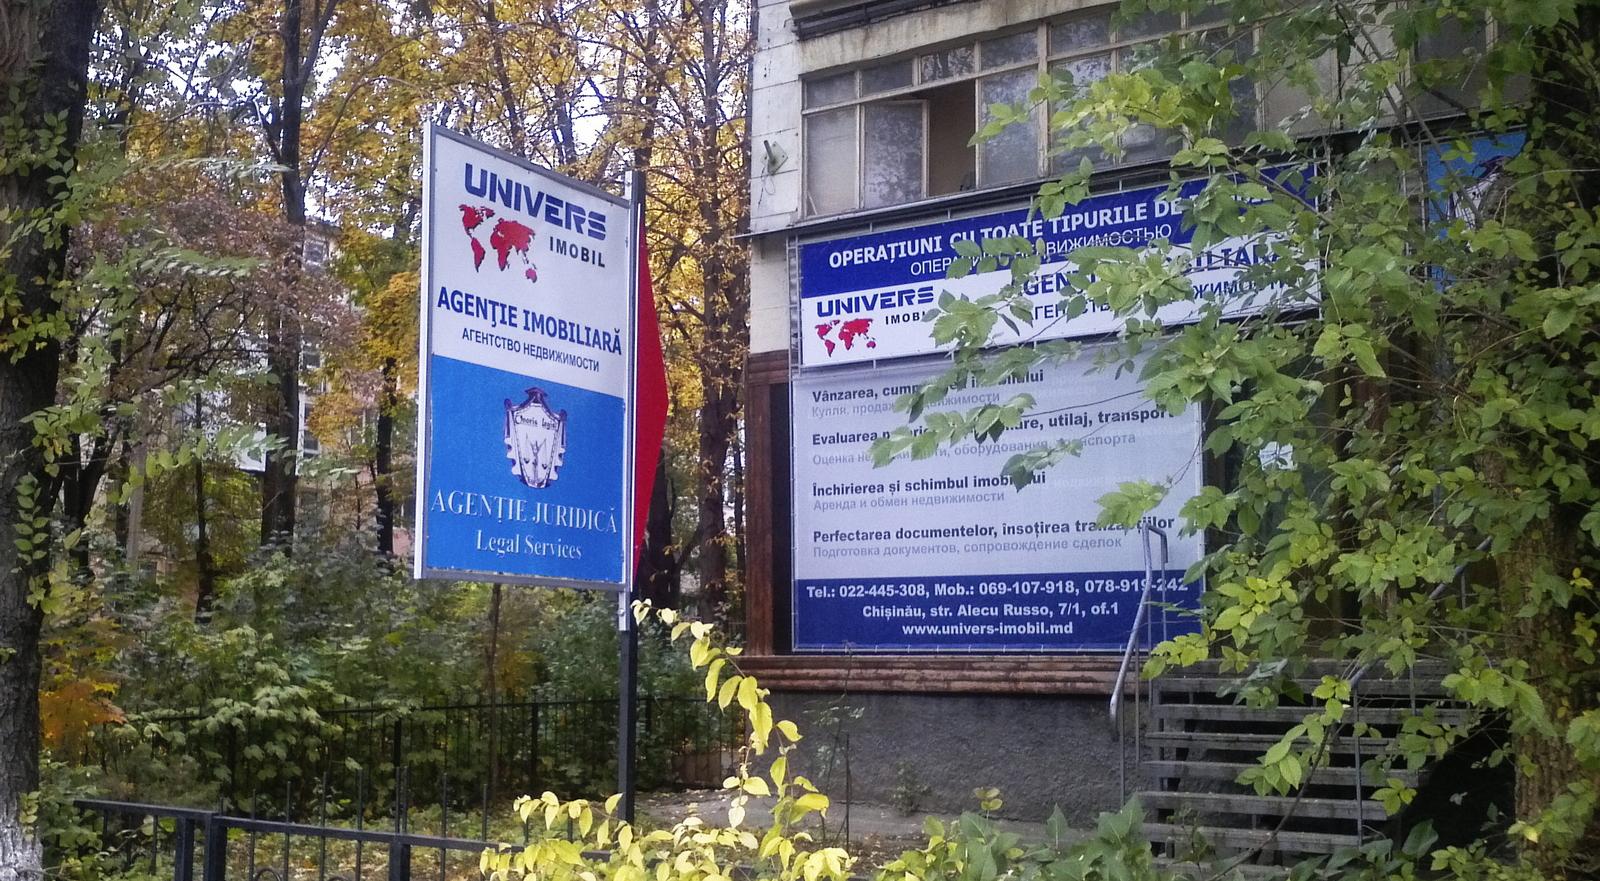 """Агентство Недвижимости """"Univers-Imobil"""""""